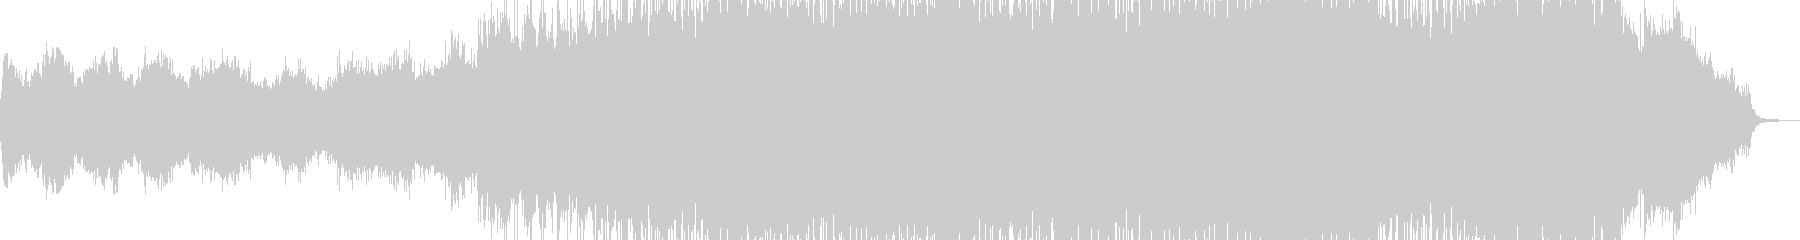 ストリングス・幕開け盛大な作品に 長尺の未再生の波形